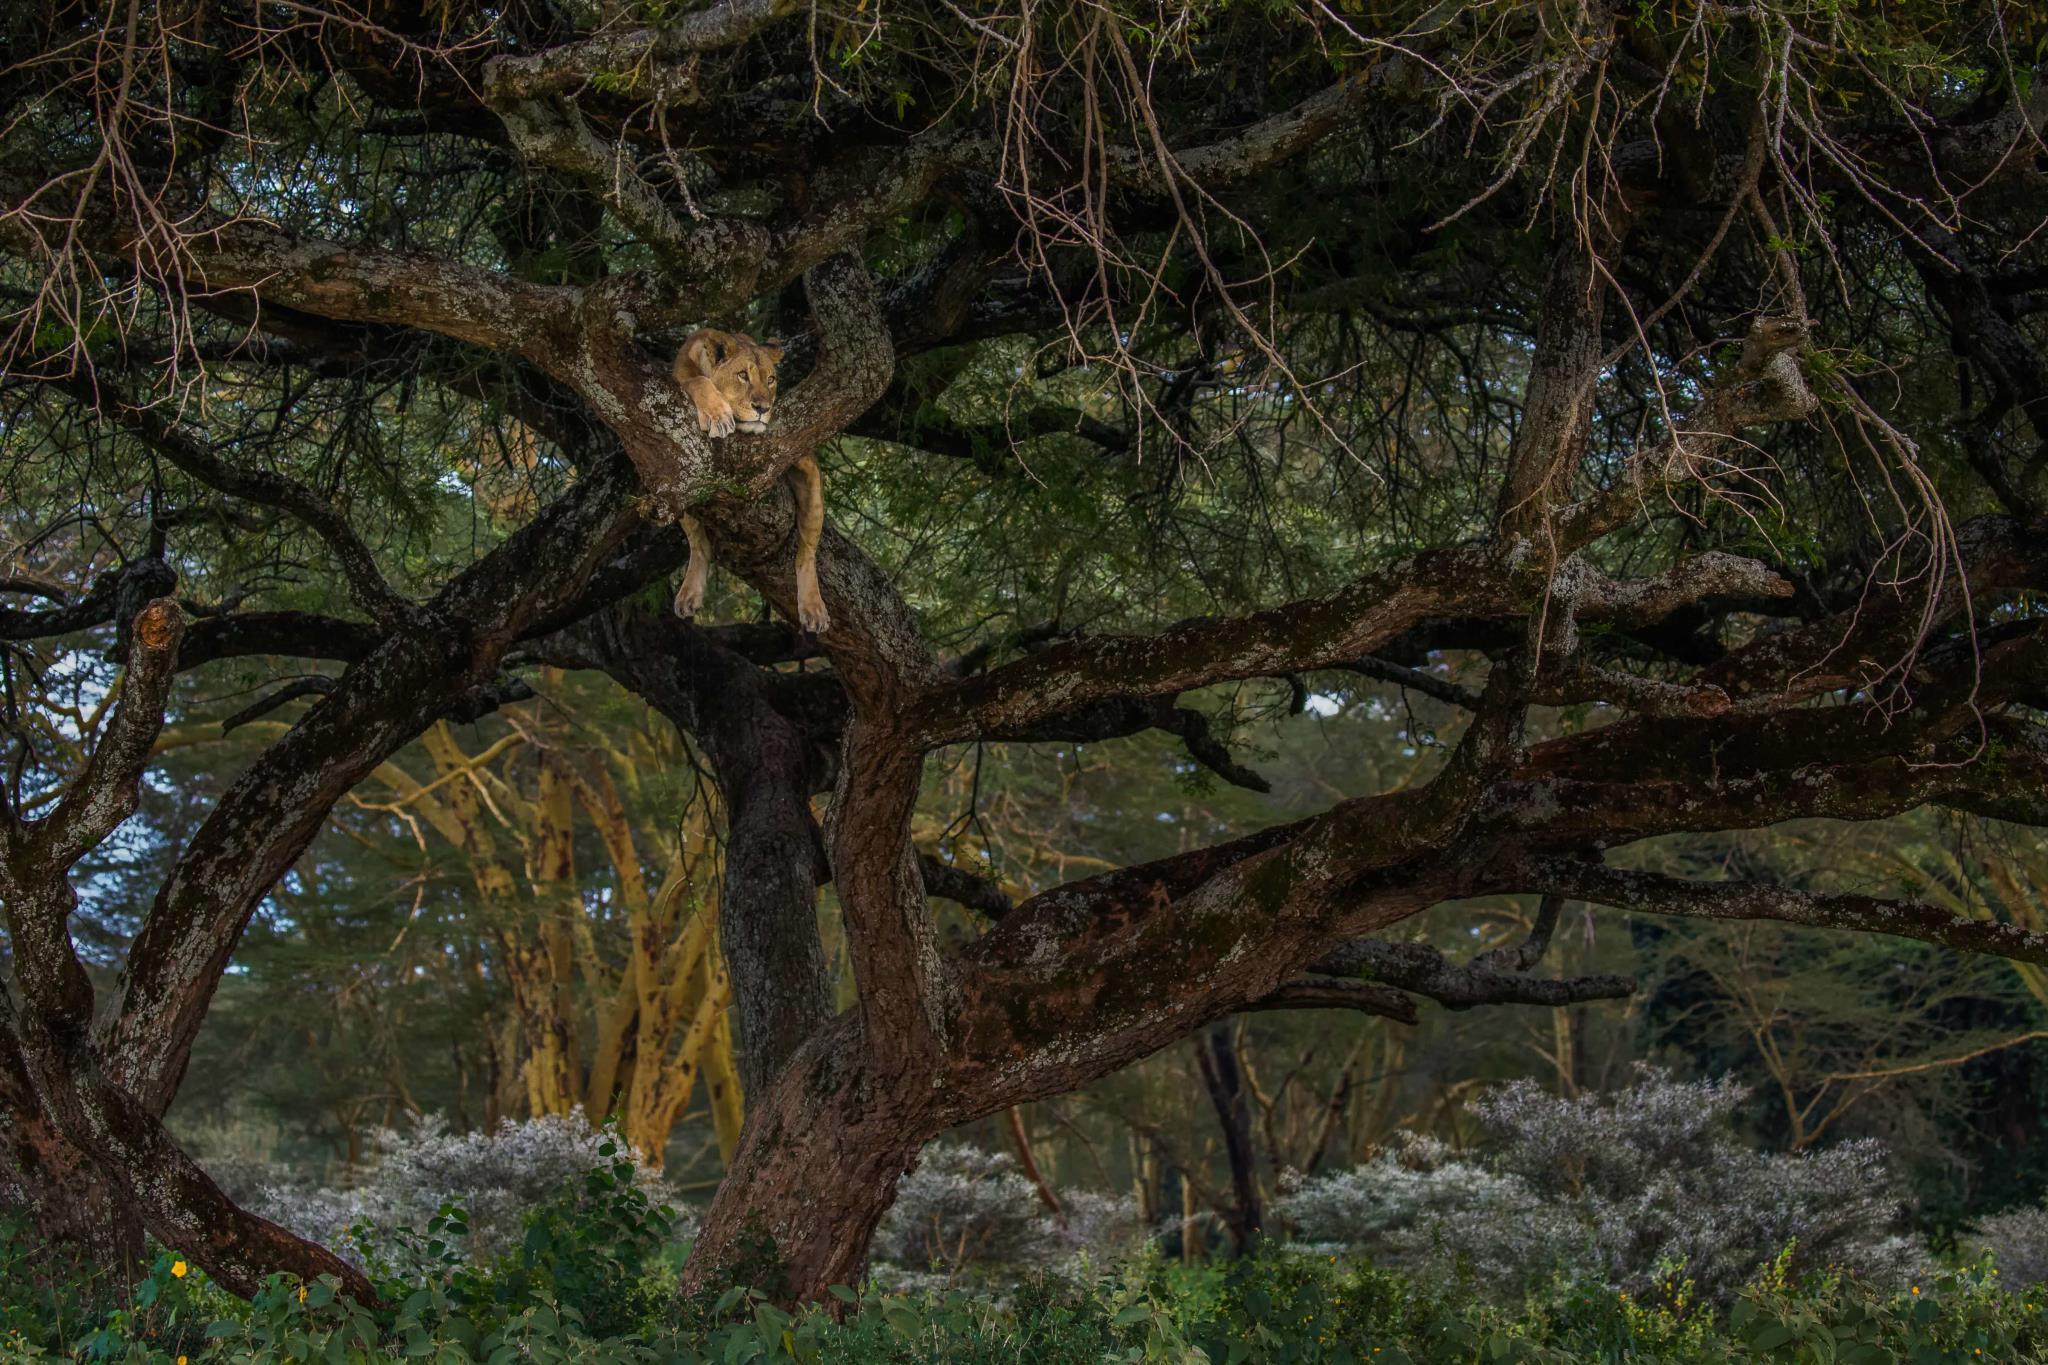 Uma leoa descansa numa árvore no Parque Nacional do Lago Nakuru, no Quénia (1.º prémio - Sri Lanka)